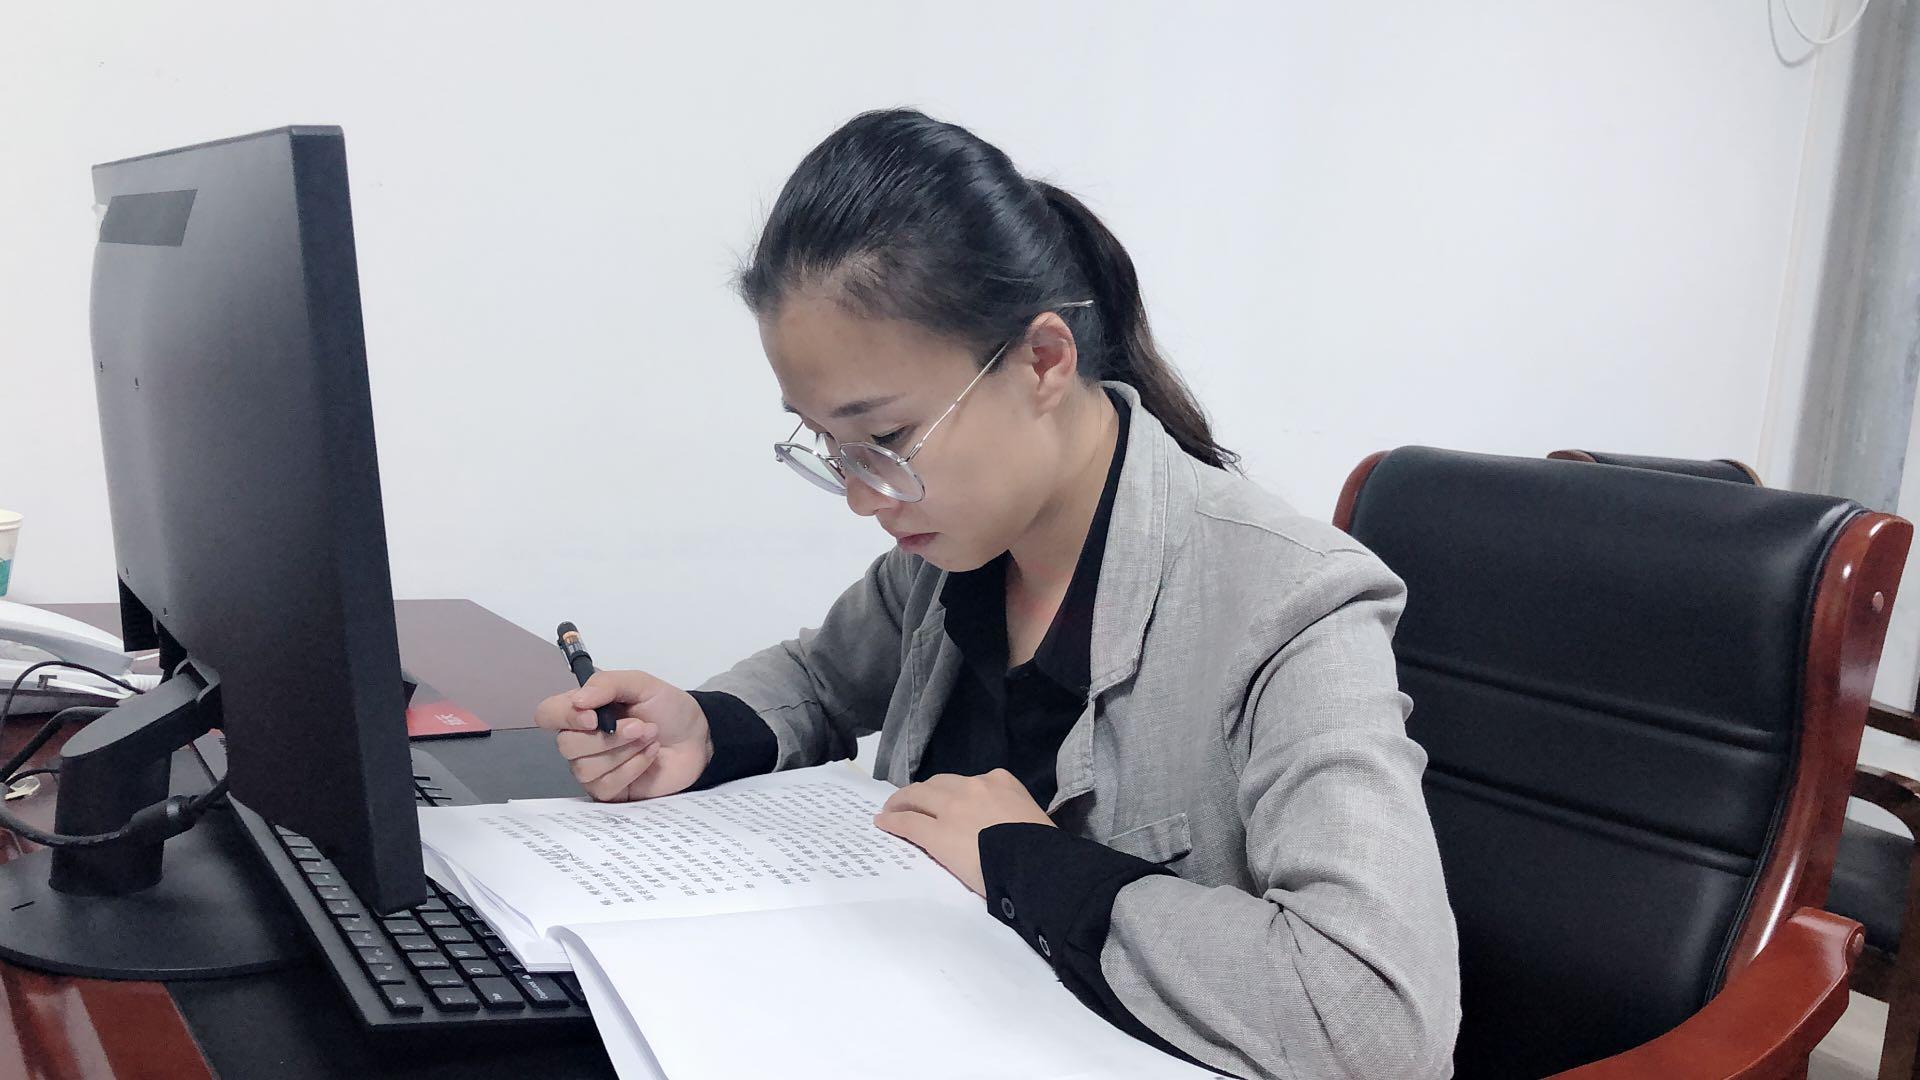 【比学赶超▏争先创优】奋斗勇担当与城投共成长—刘晓明